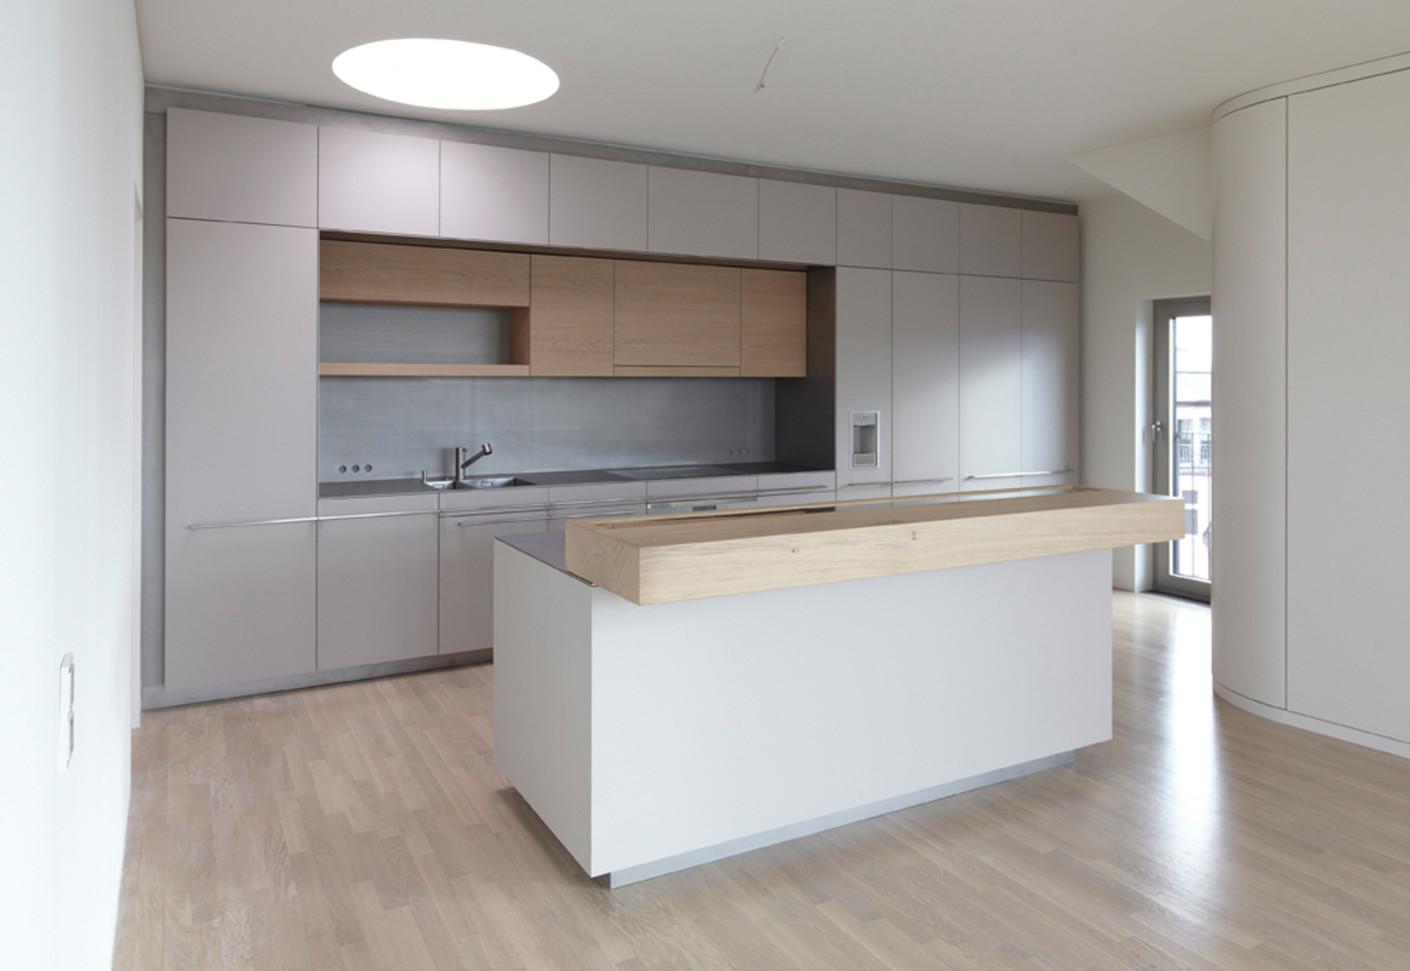 gebrauchte einbaukchen in berlin gebrauchte einbaukchen. Black Bedroom Furniture Sets. Home Design Ideas